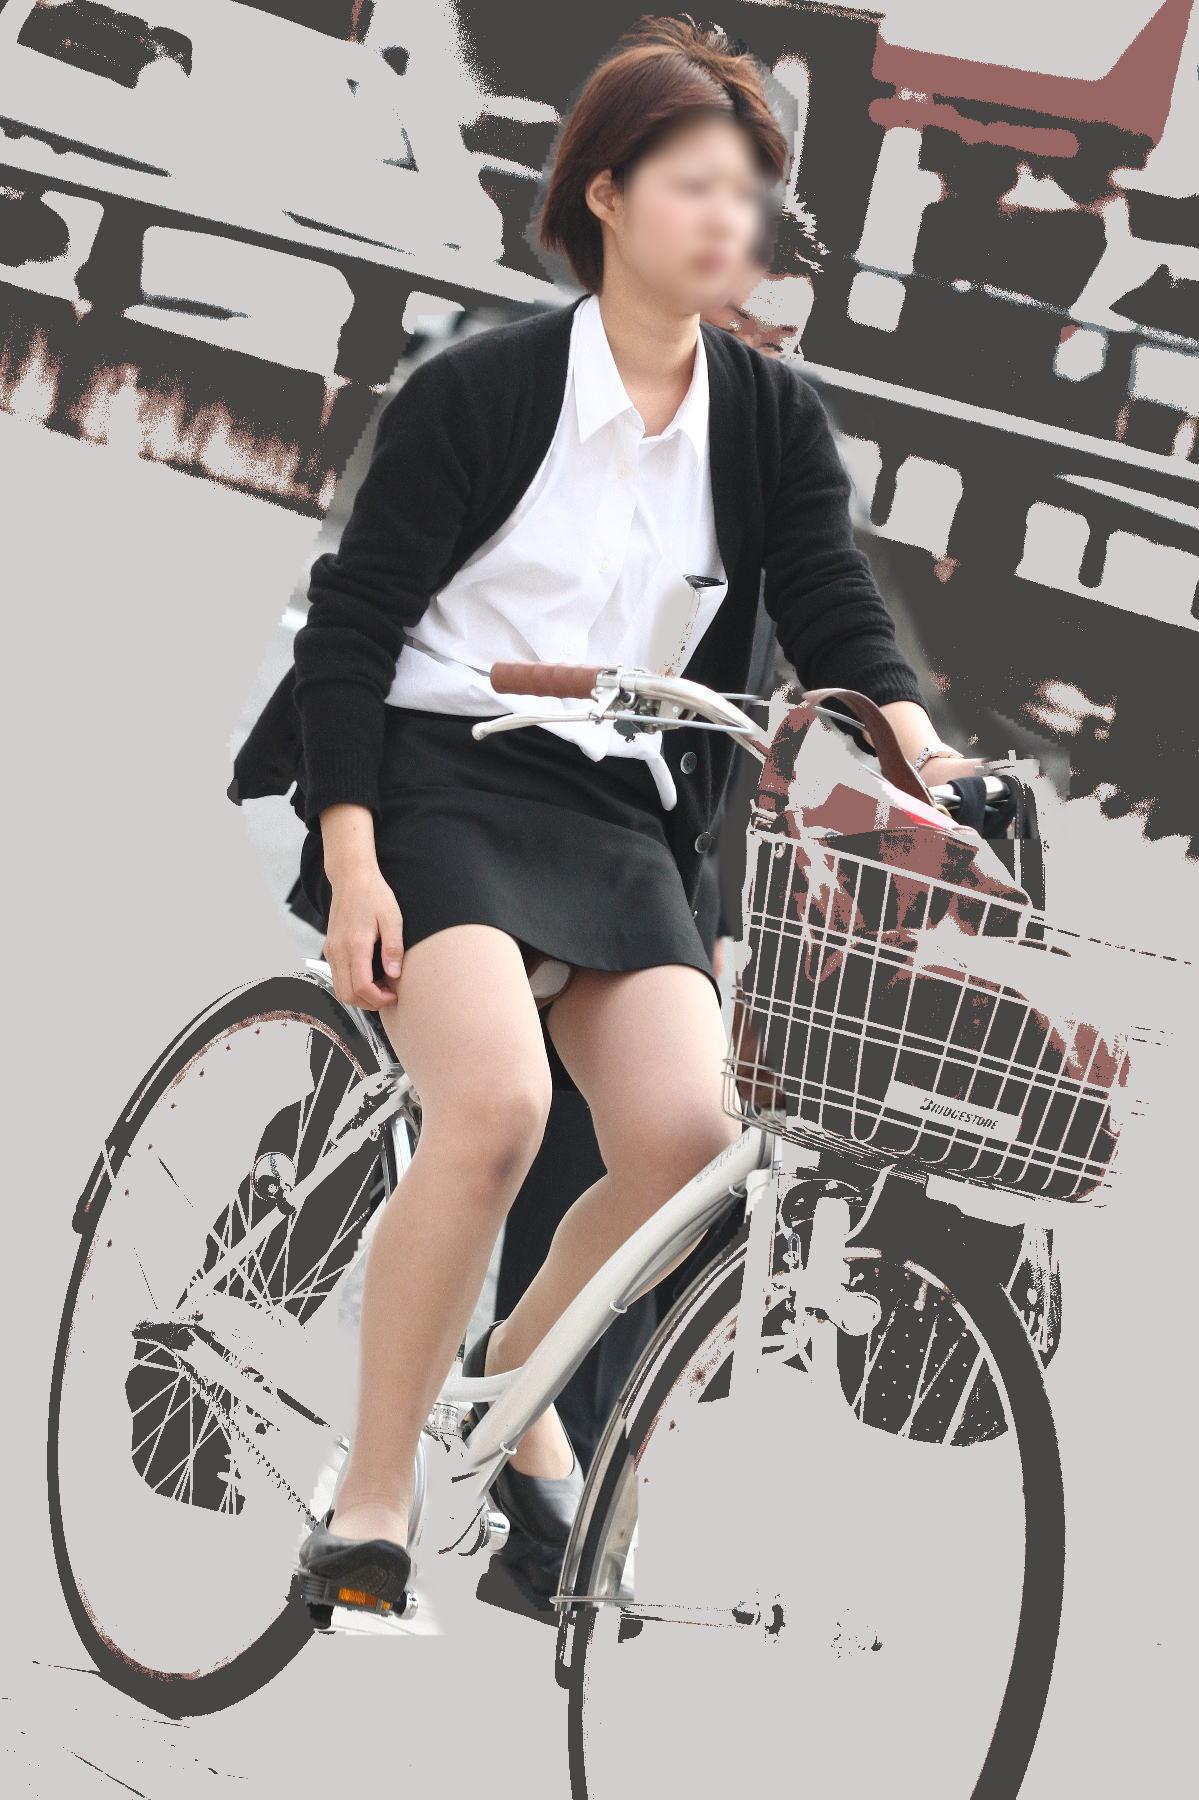 【街撮り美脚画像】大人の下半身を観察www自転車乗った働くおねえさん画像 06